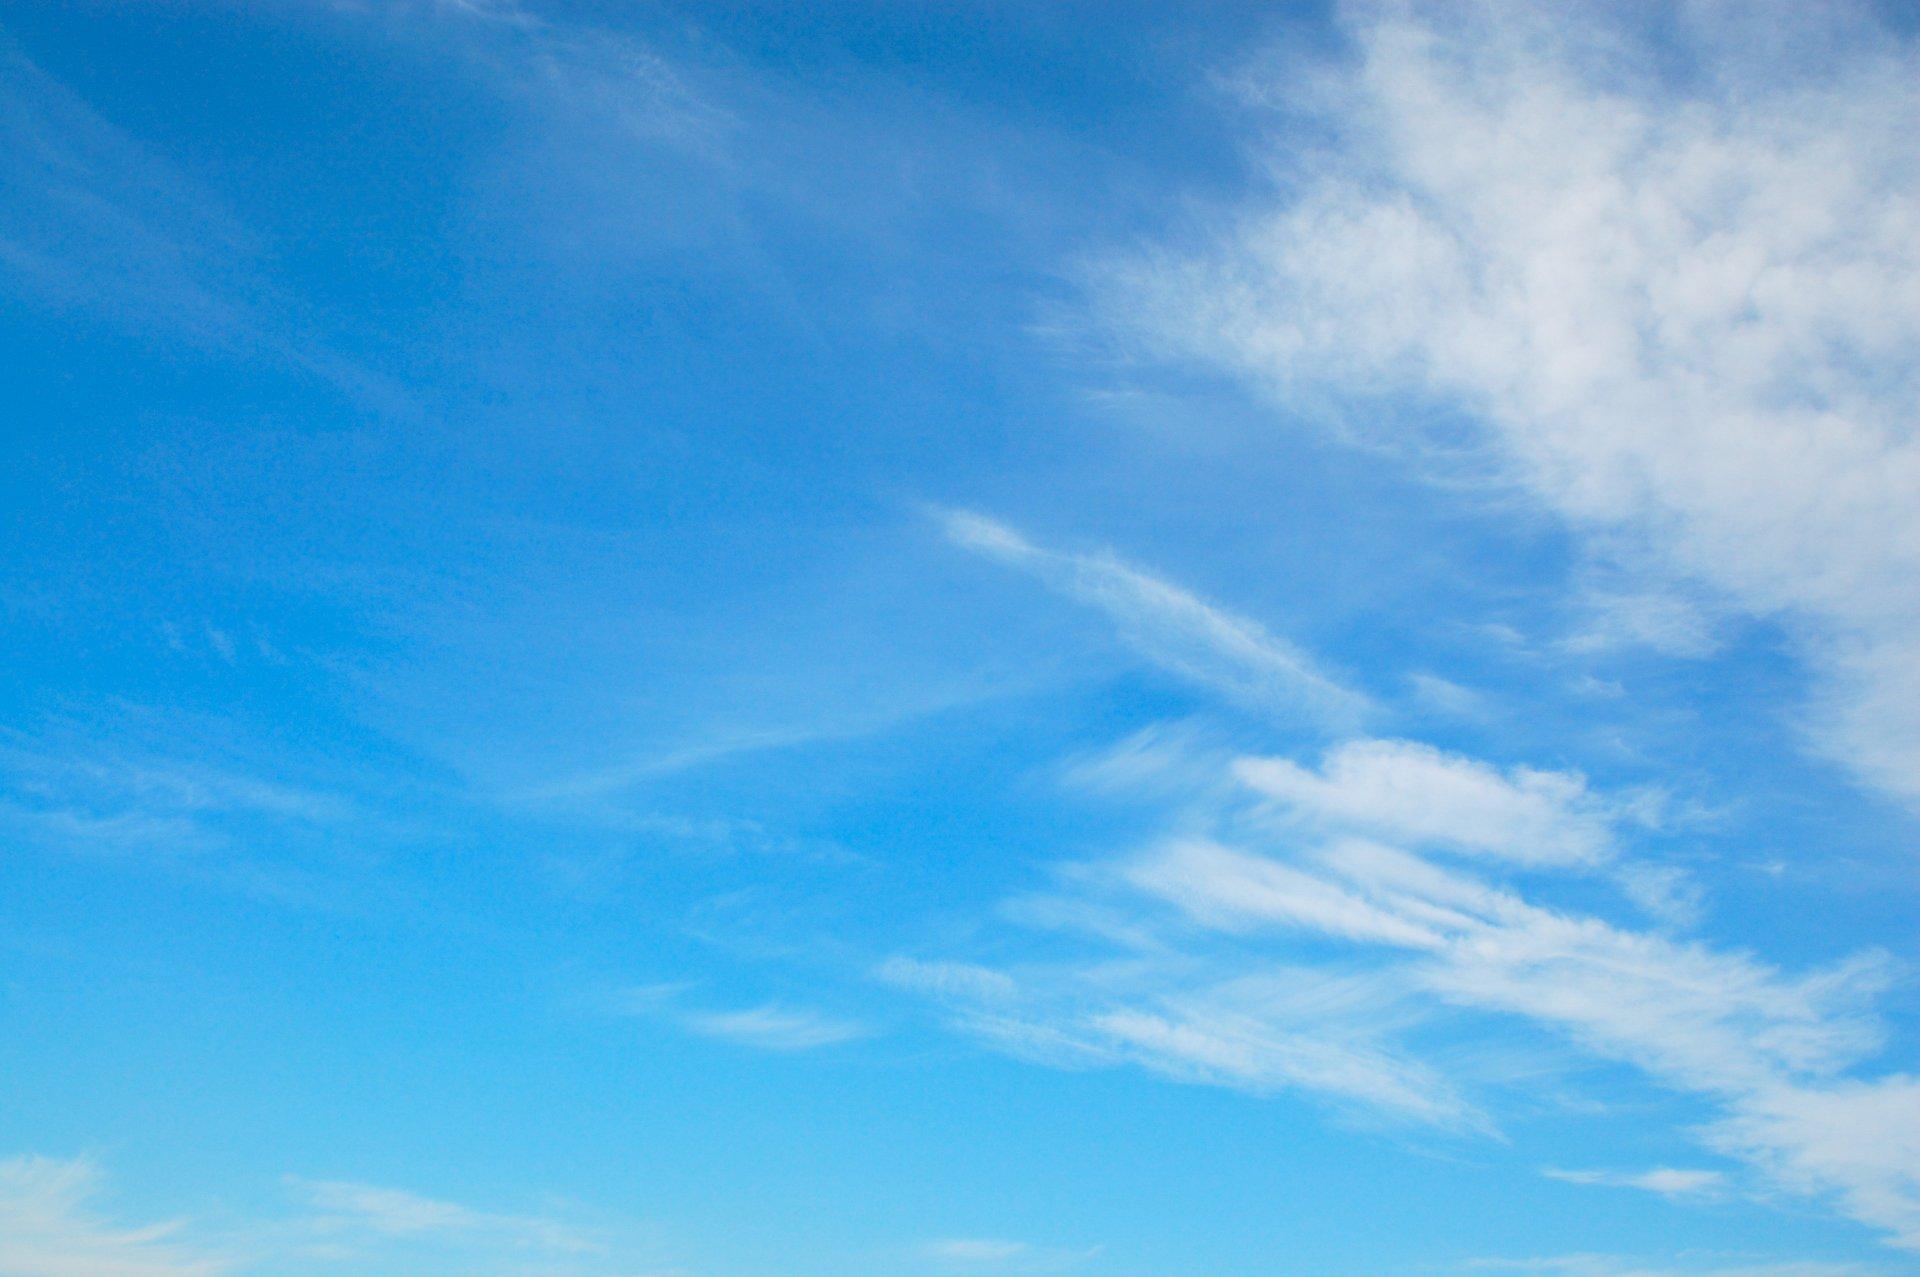 голубое небо облака бесконечность HD обои для ноутбука